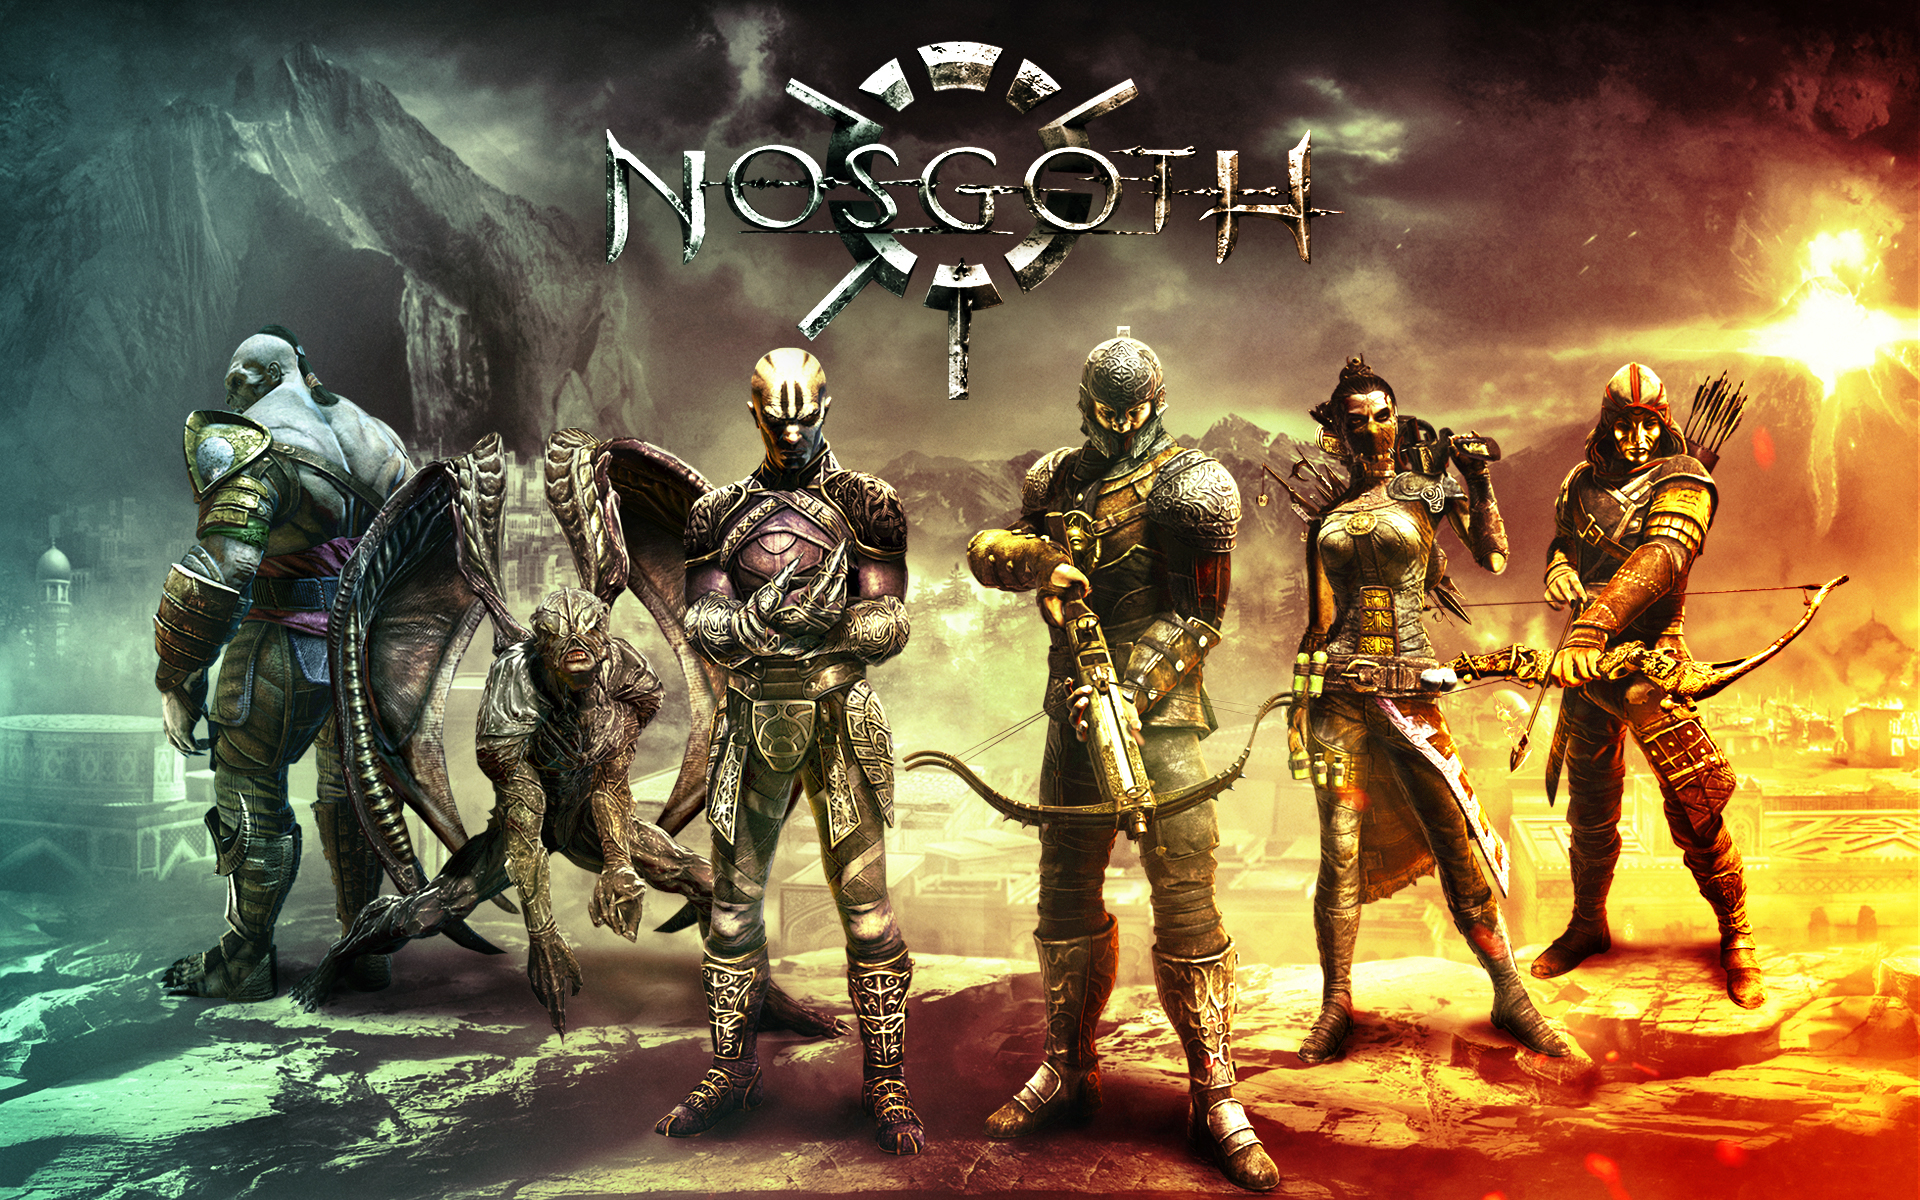 Nosgoth Closed Beta Key